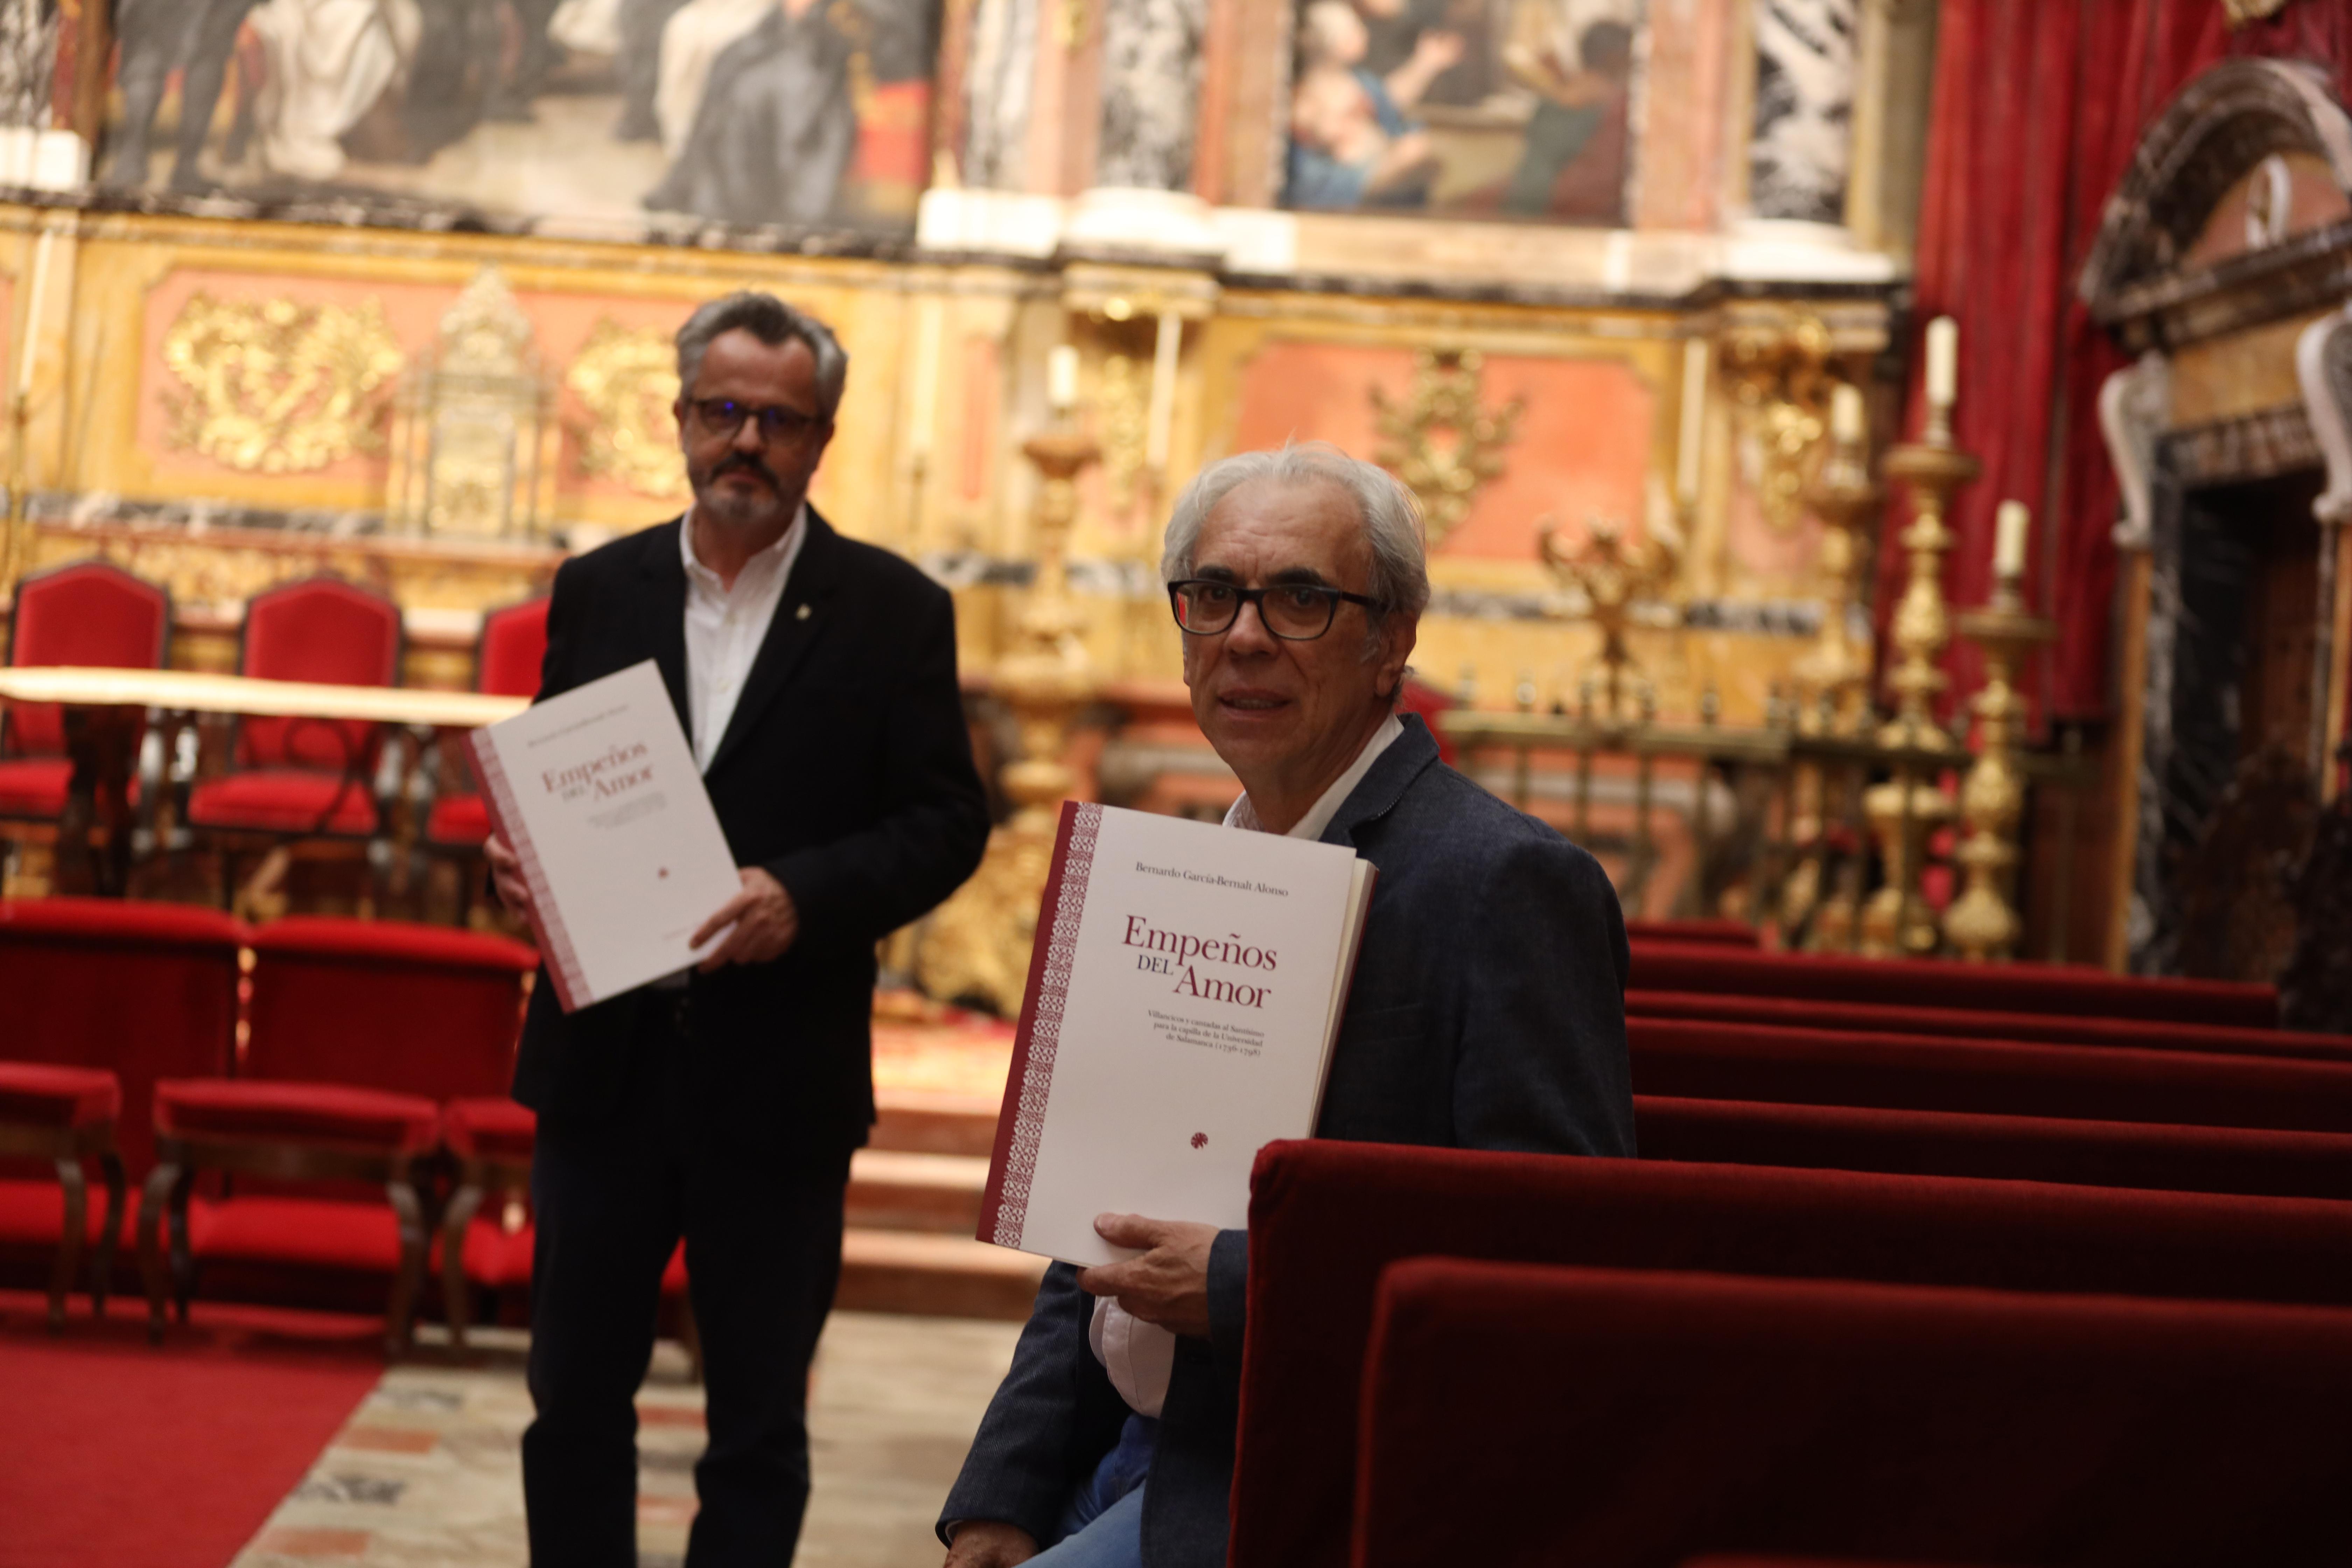 José Antonio Sánchez Paso y Bernardo García-Bernalt